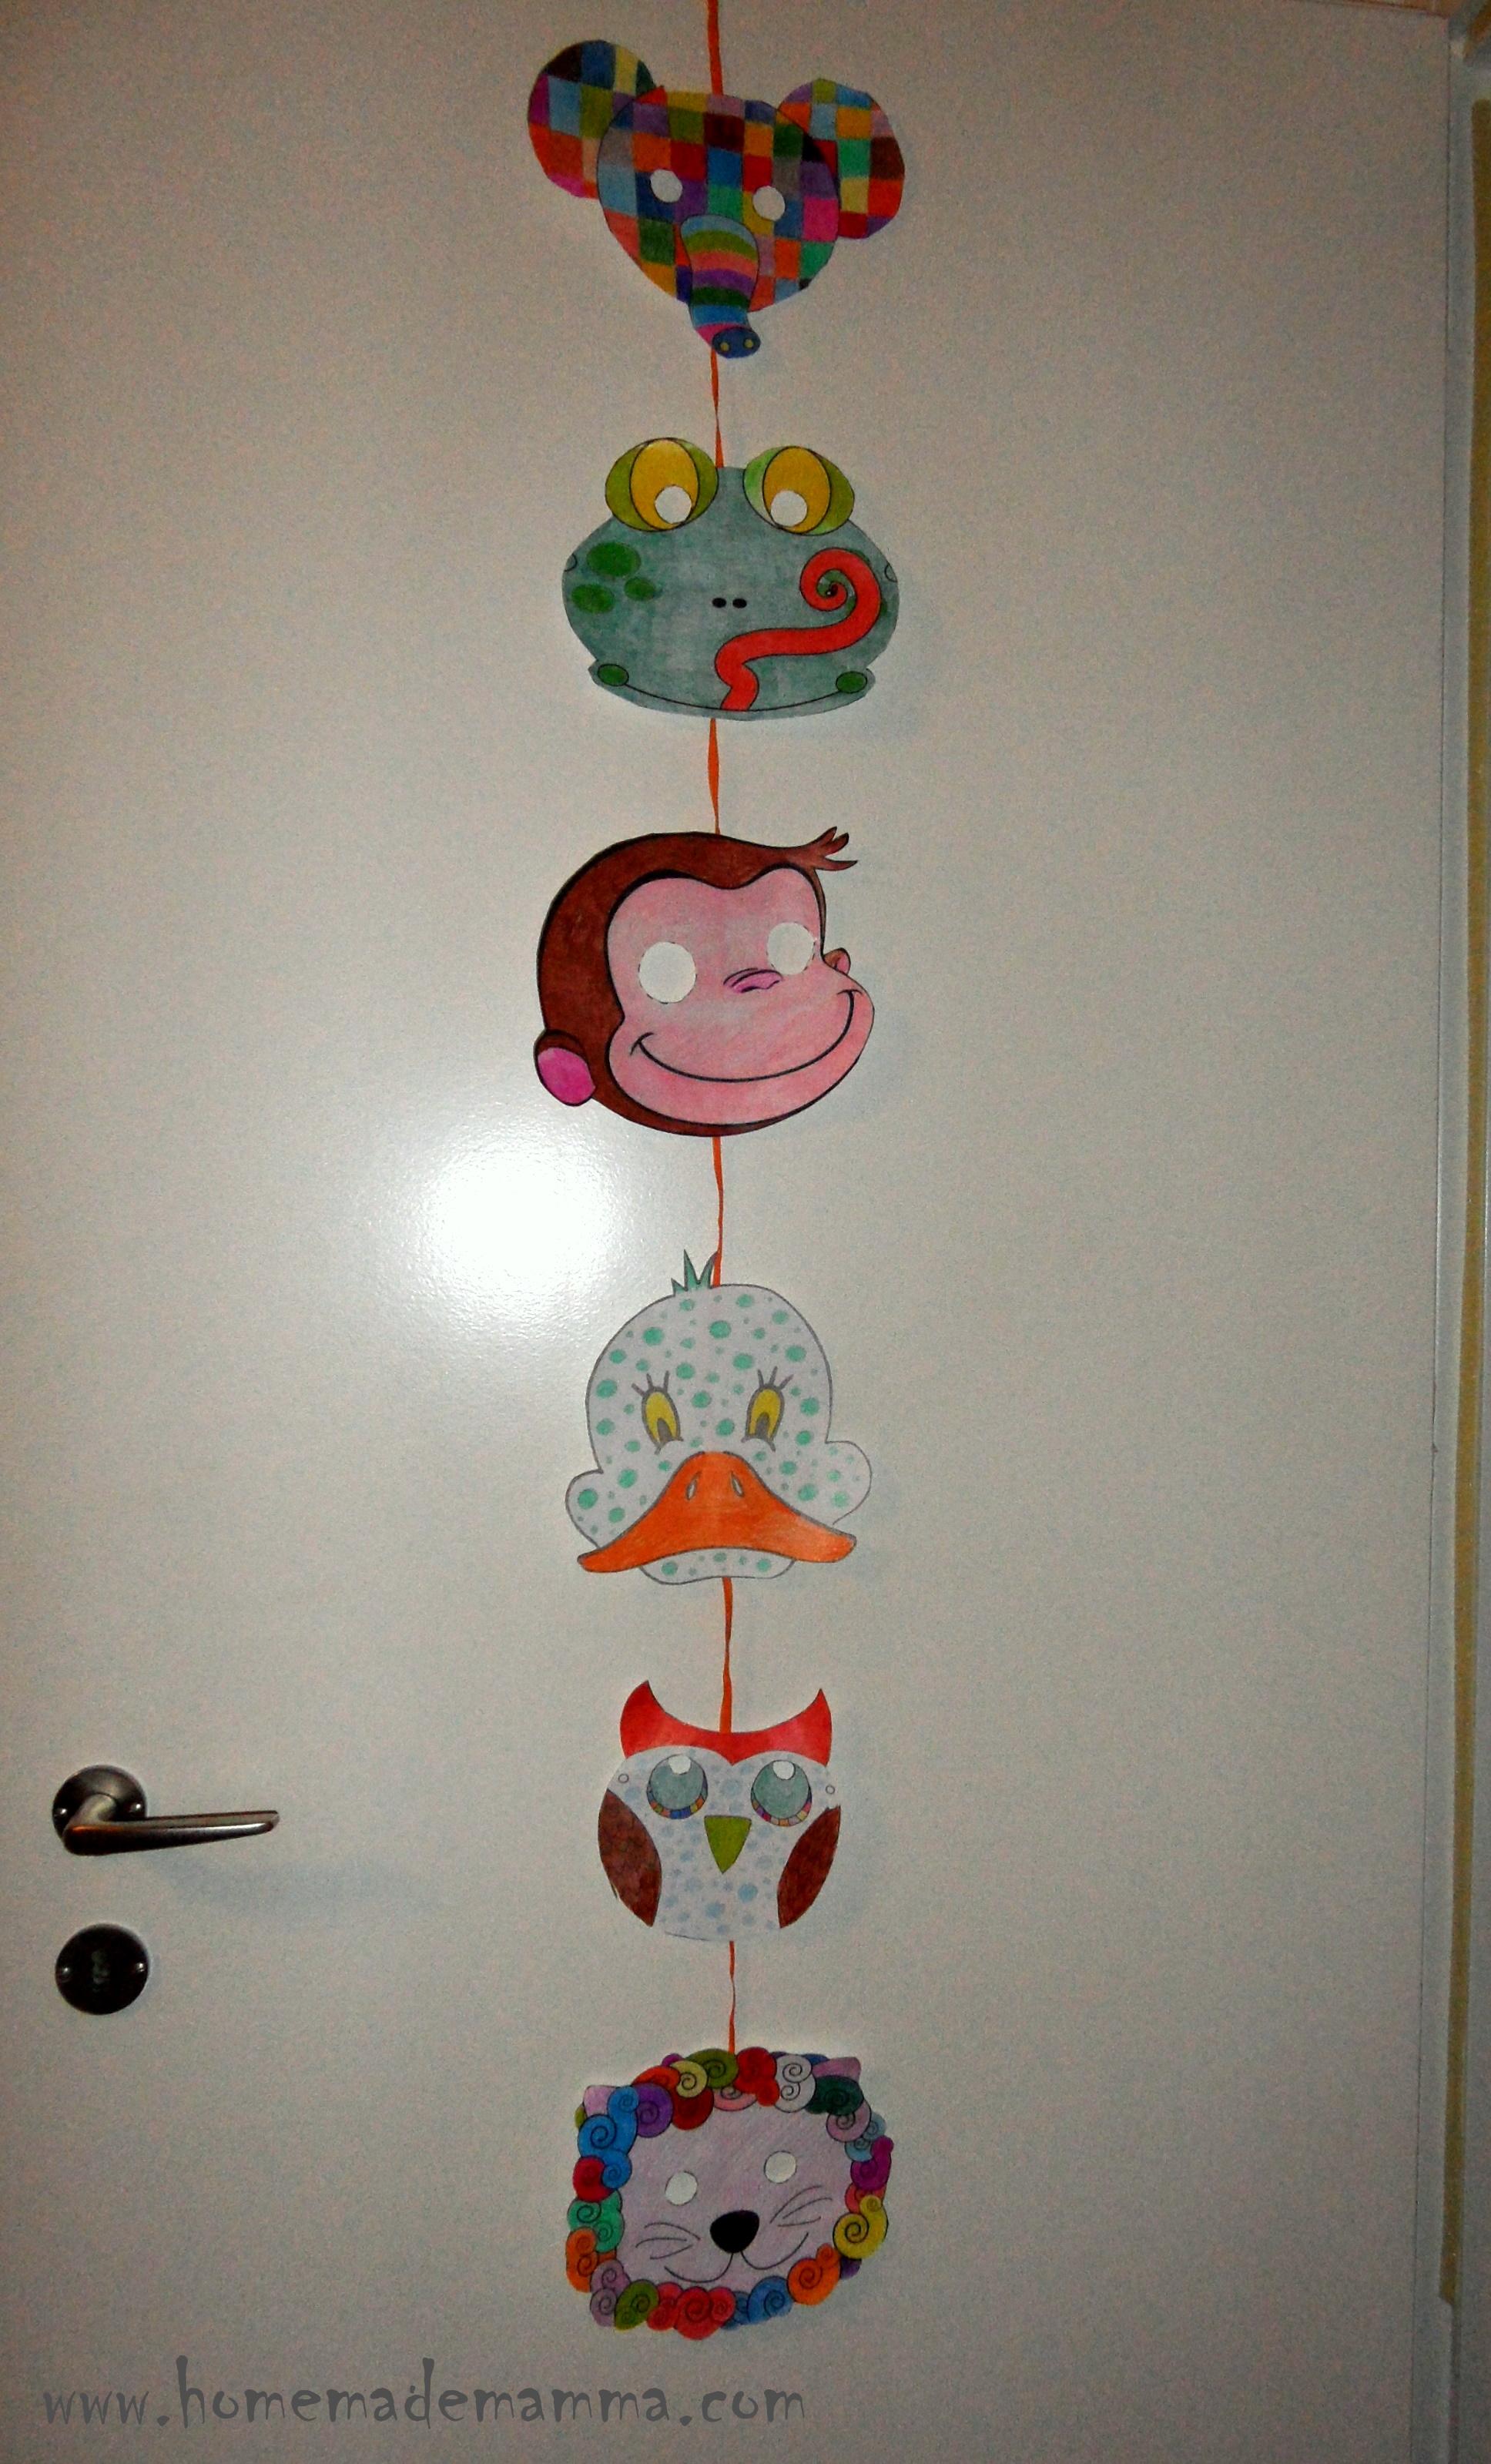 Decorazioni di carnevale da realizzare a scuola for Decorazioni di carta da appendere